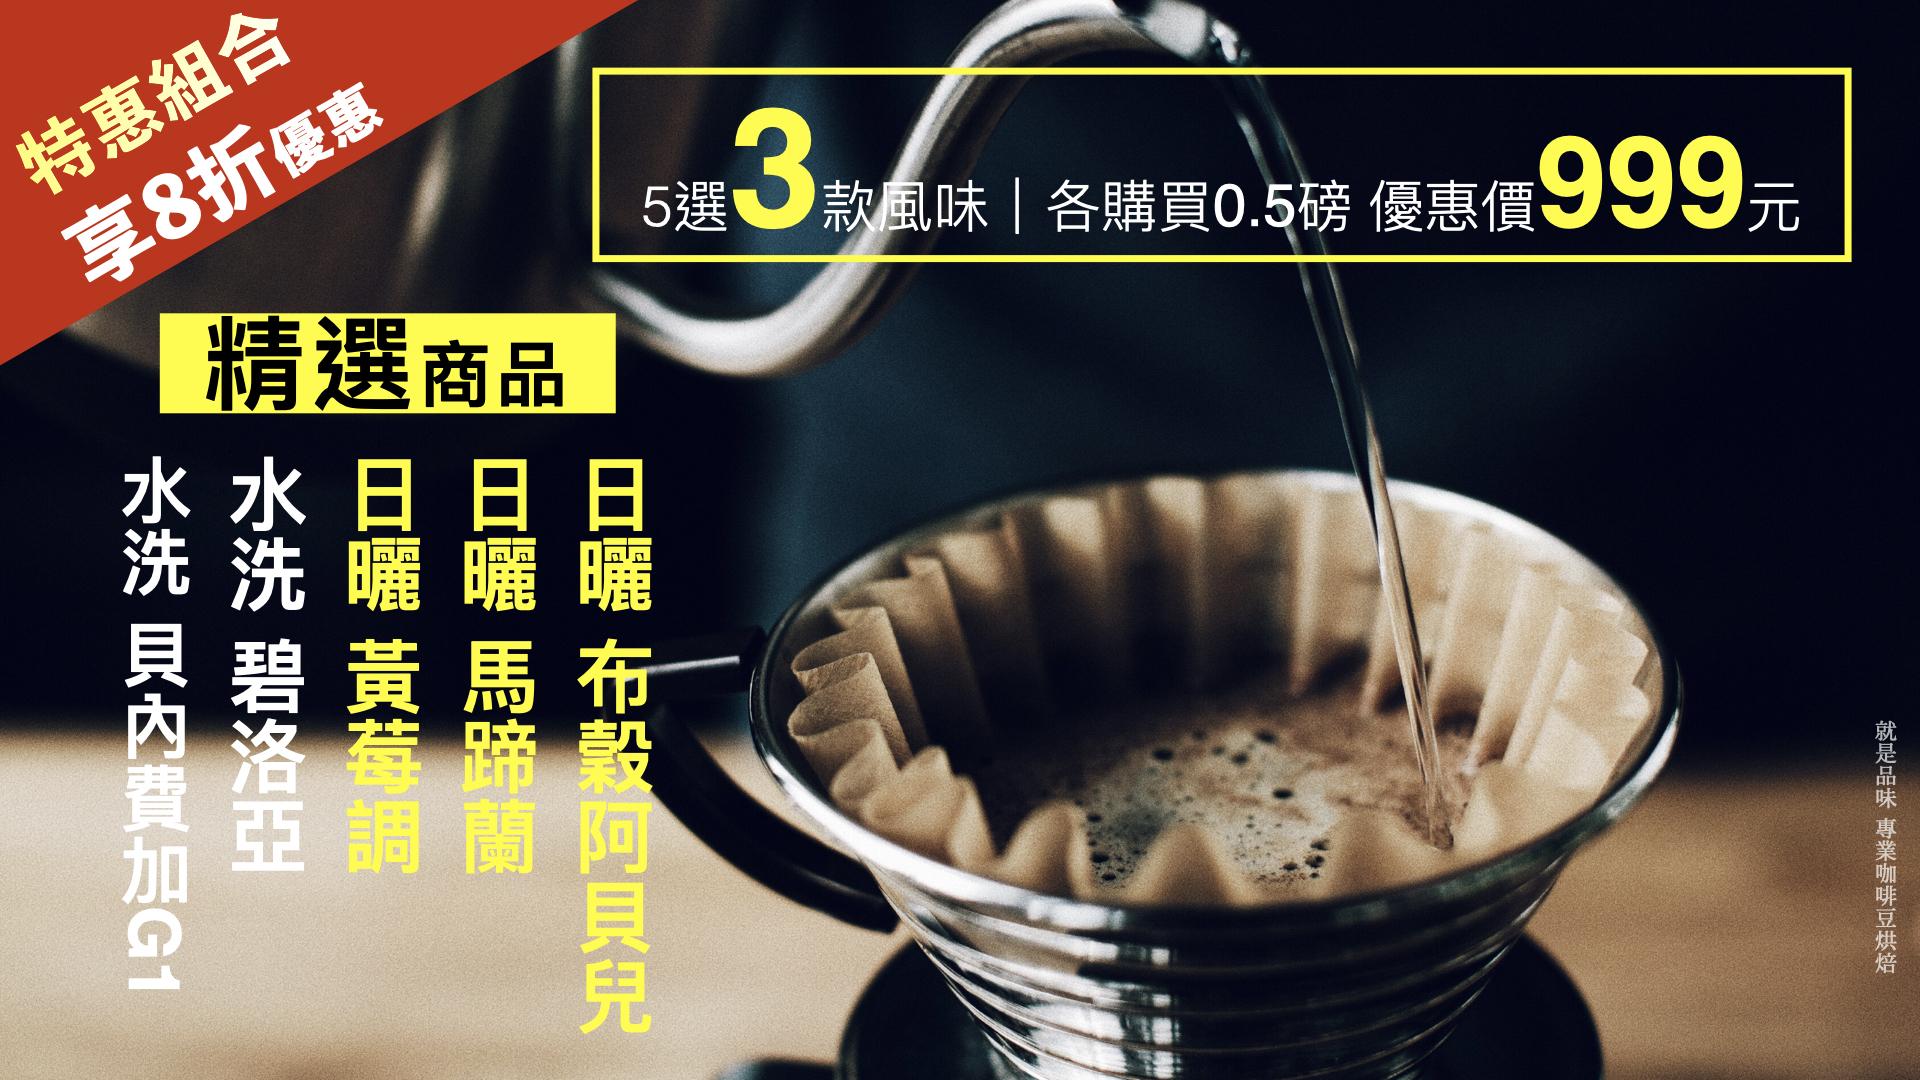 衣索比亞日曬處理法水洗處就是品味咖啡在台南安平